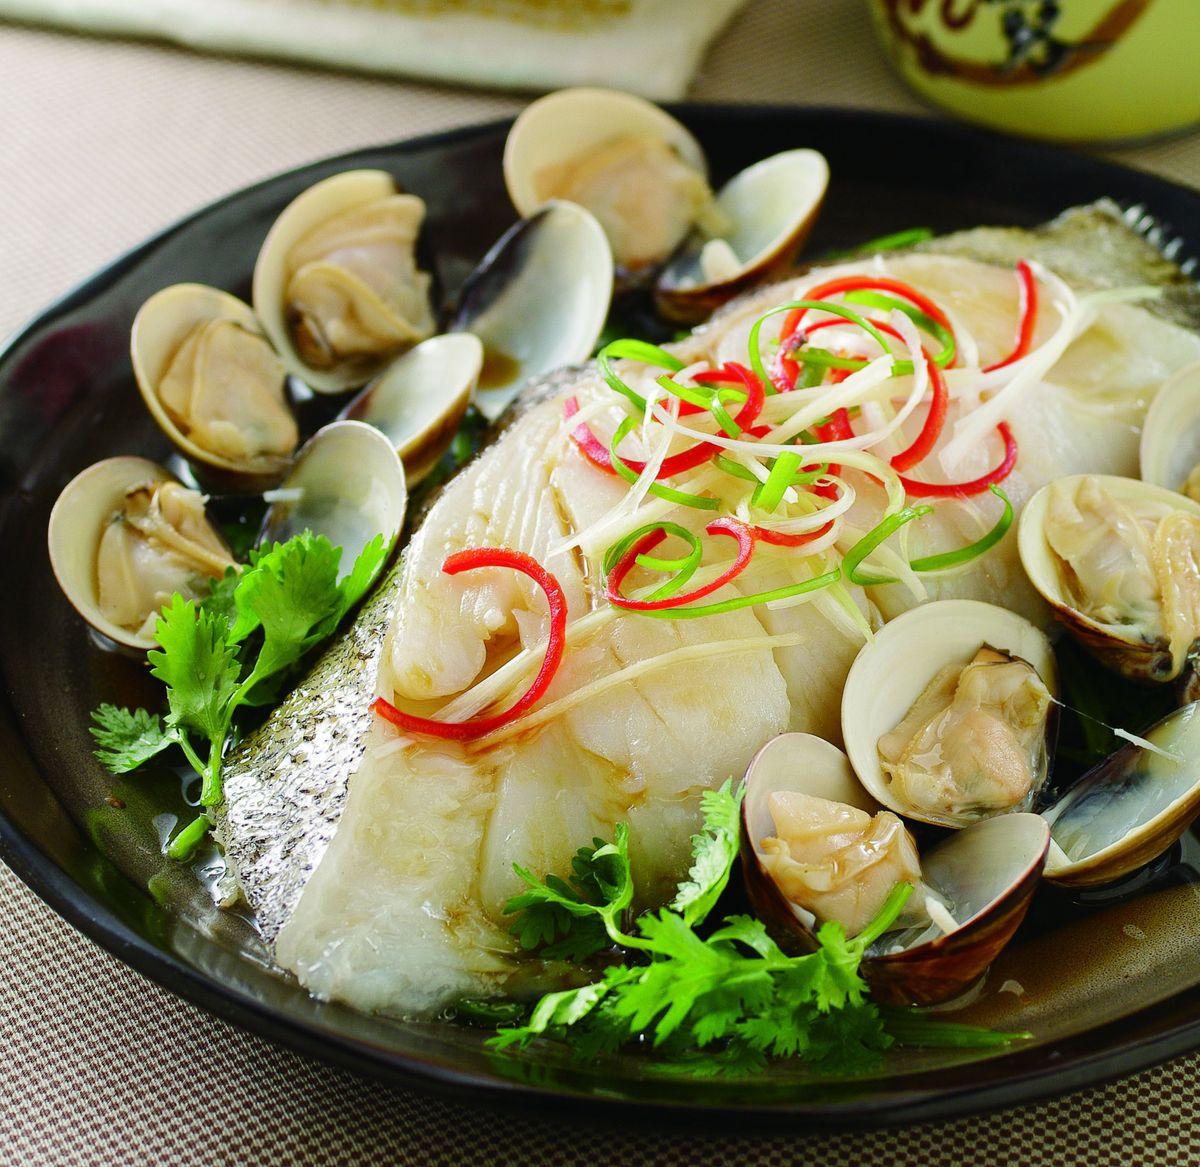 食譜:鮮美蛤蜊鱈魚蒸